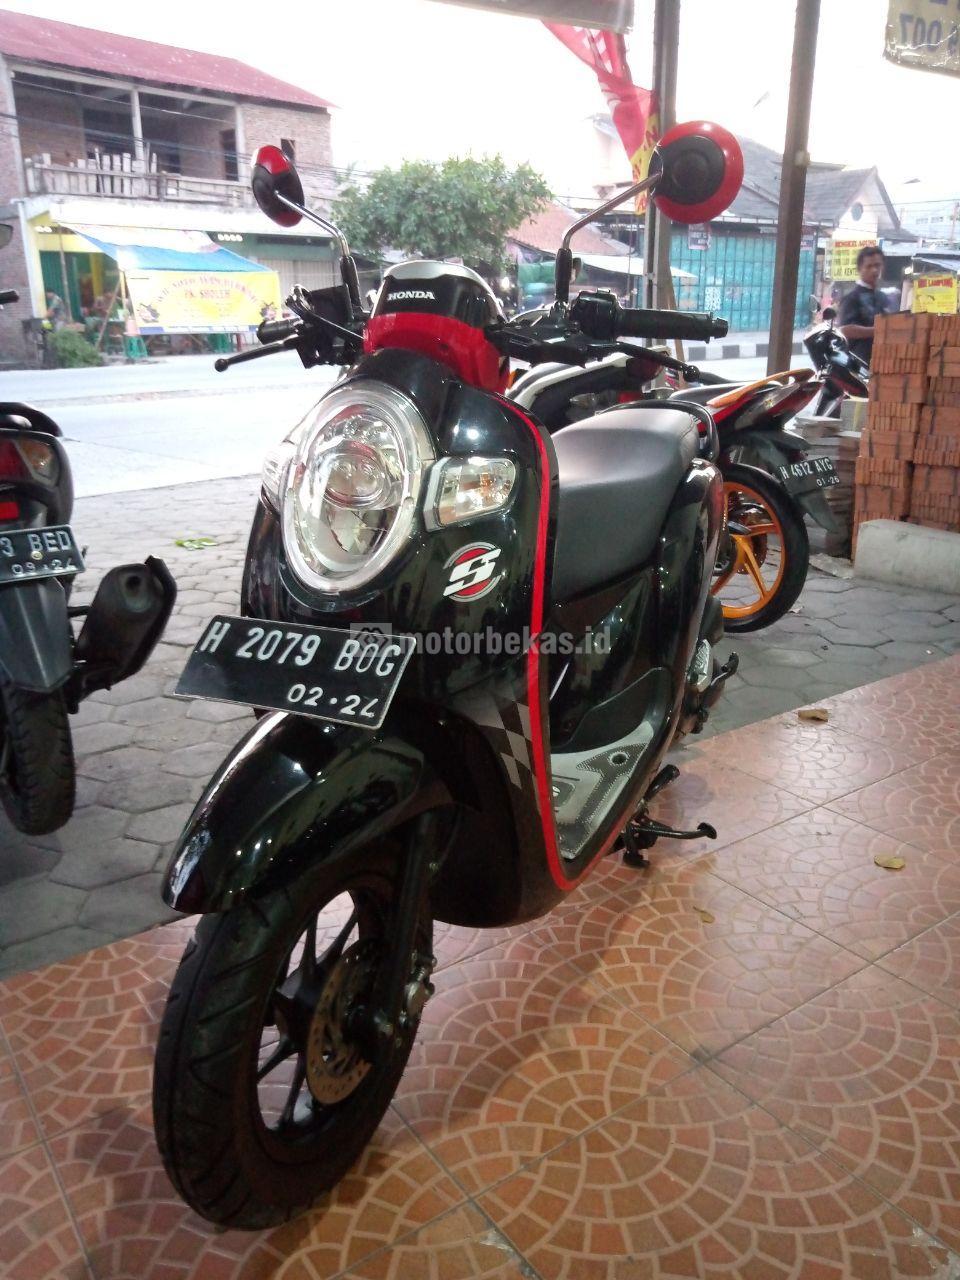 HONDA SCOOPY  3309 motorbekas.id